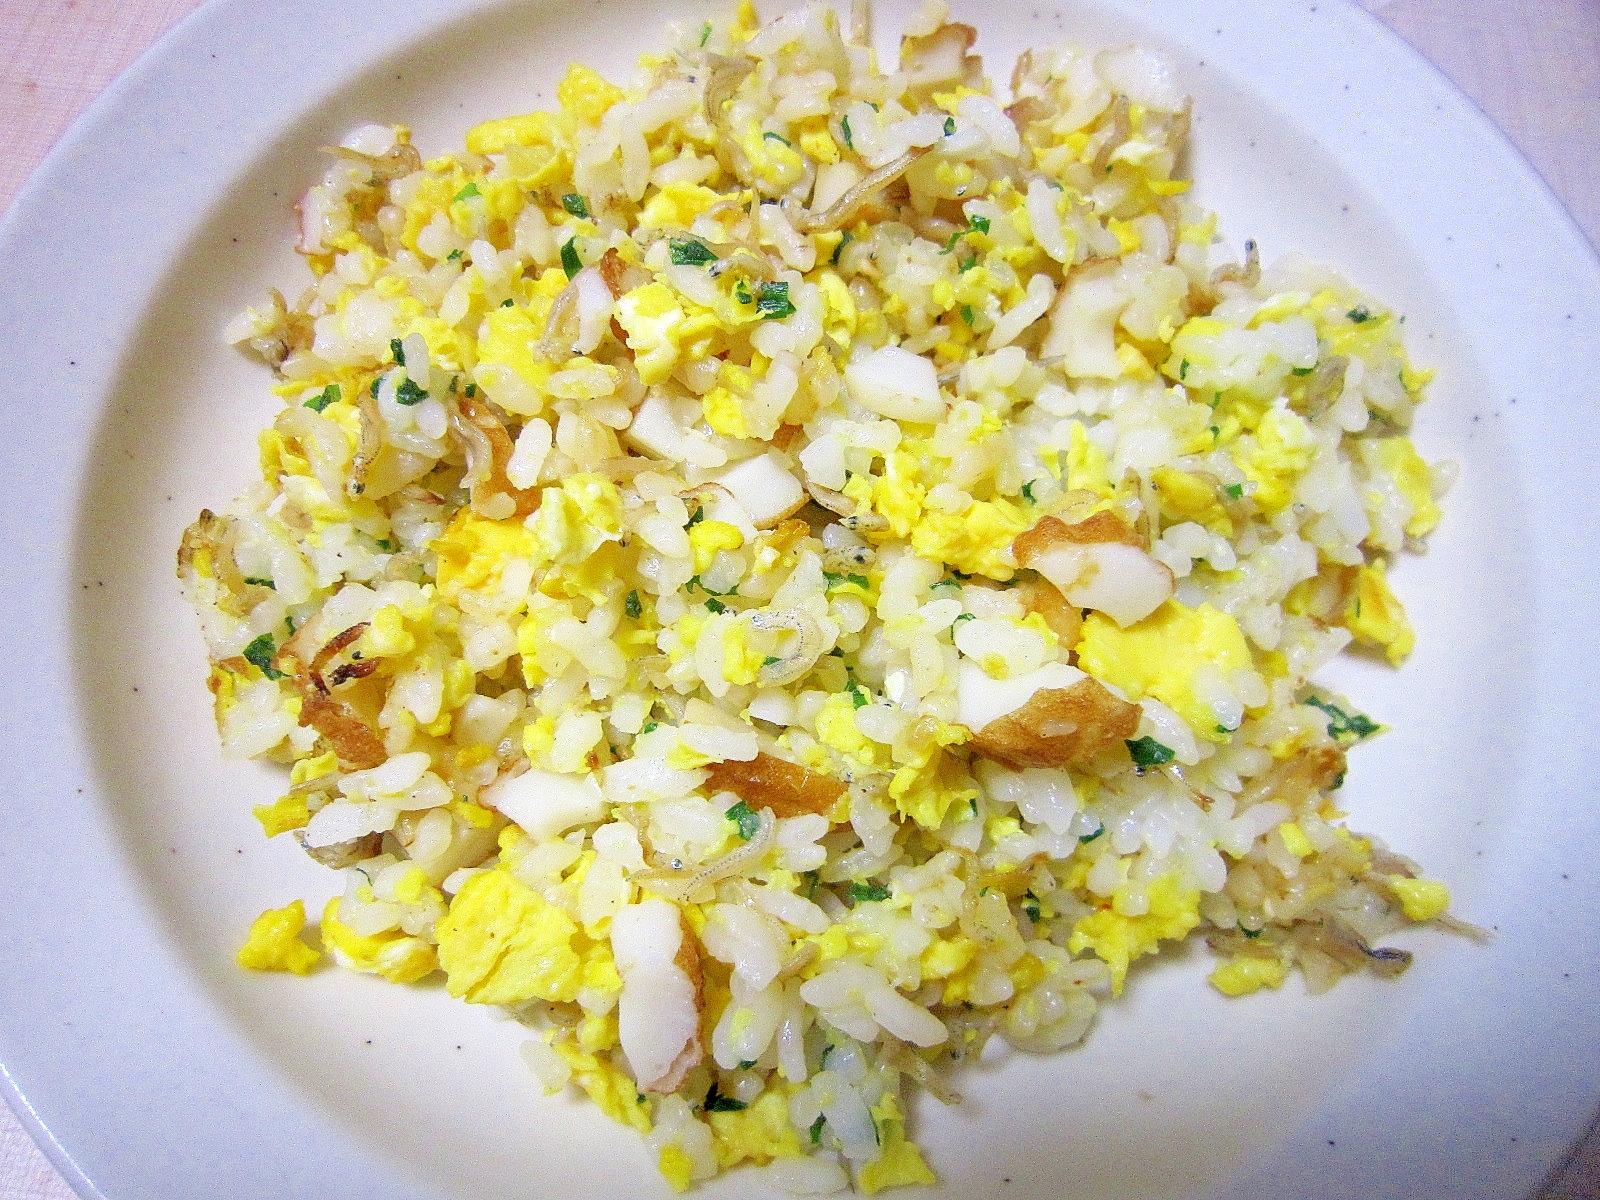 ちりめんと卵と竹輪のパラパラご飯